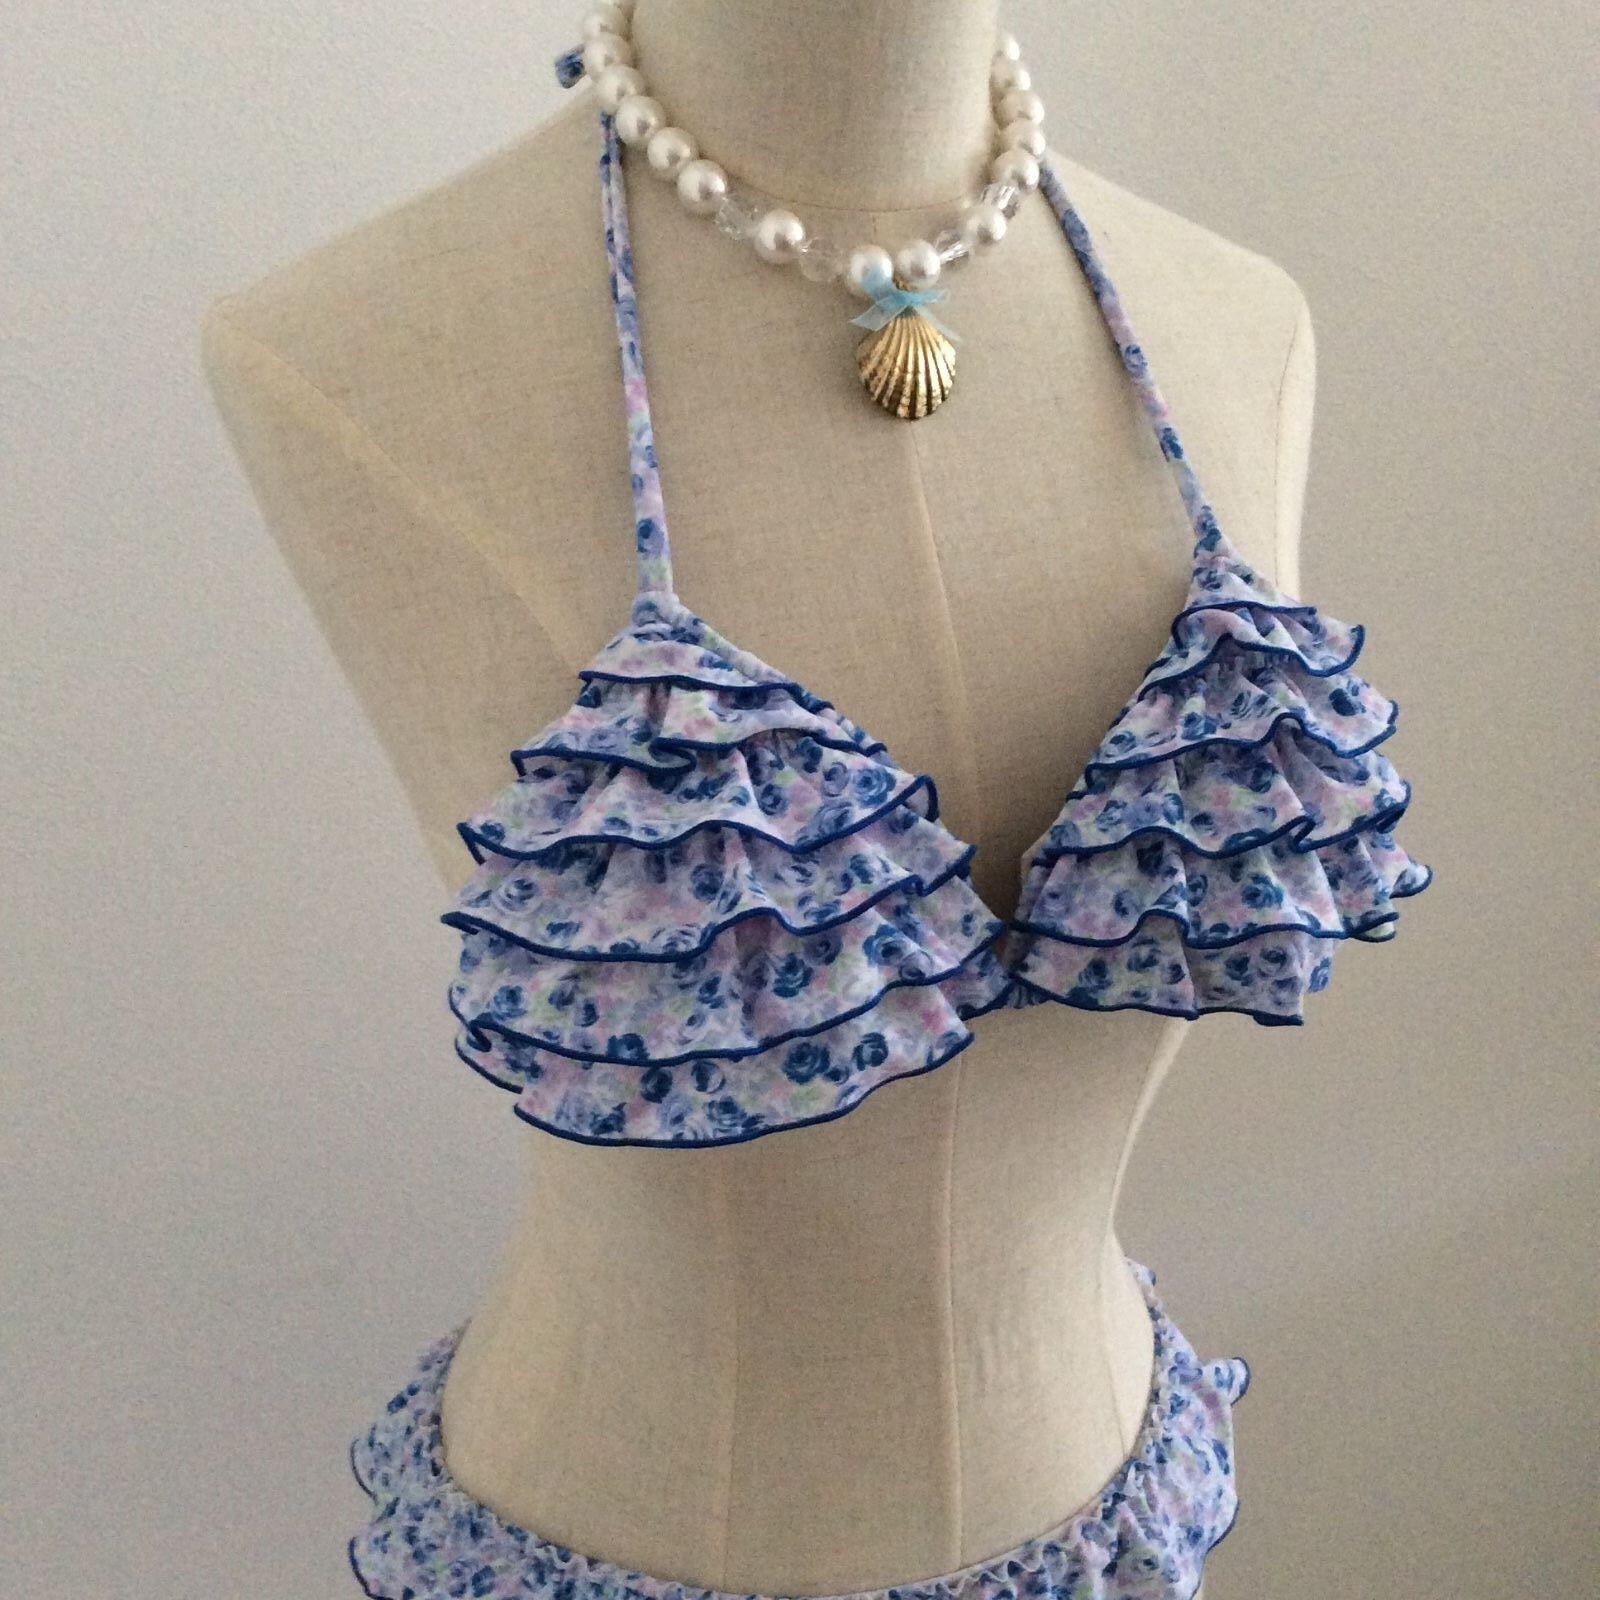 LIZ LISA swimwear bikini made in Japan Kawaii Japanese Gyaru Fashion